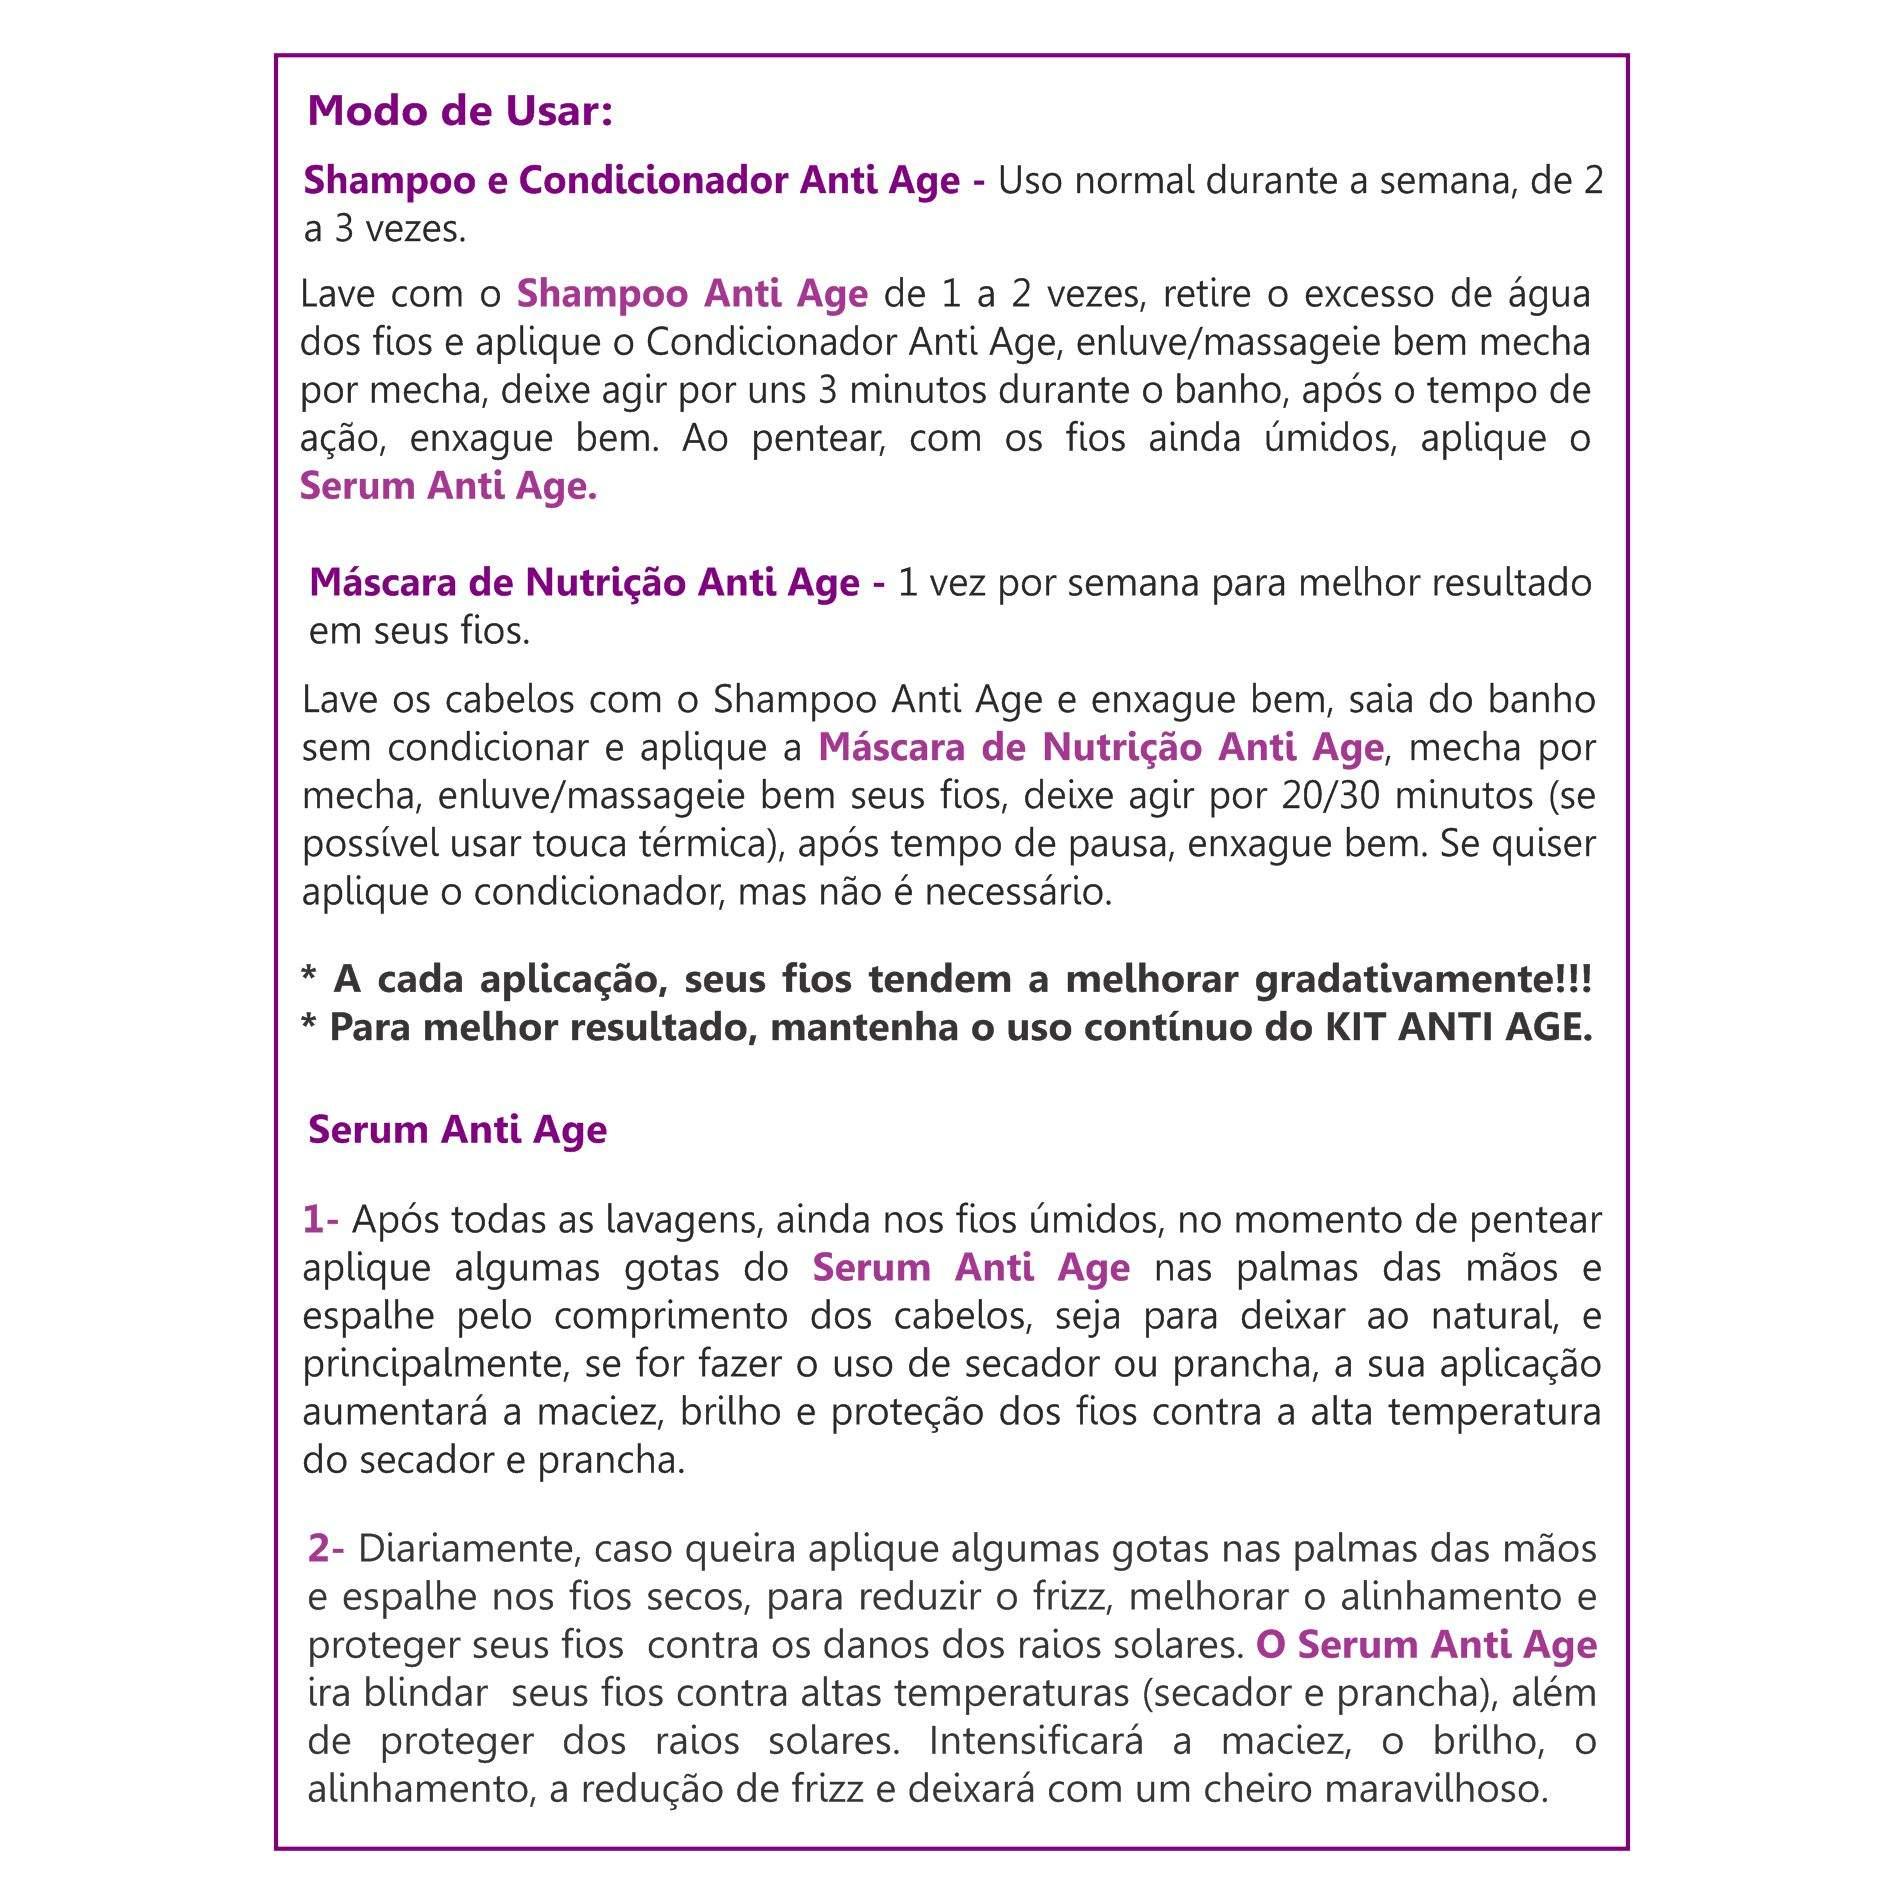 Shampoo, Condicionador e Máscara Anti Age (Kit Anti Age - Doador de Volume - Fios Finos, Frágeis e Sem Volume)